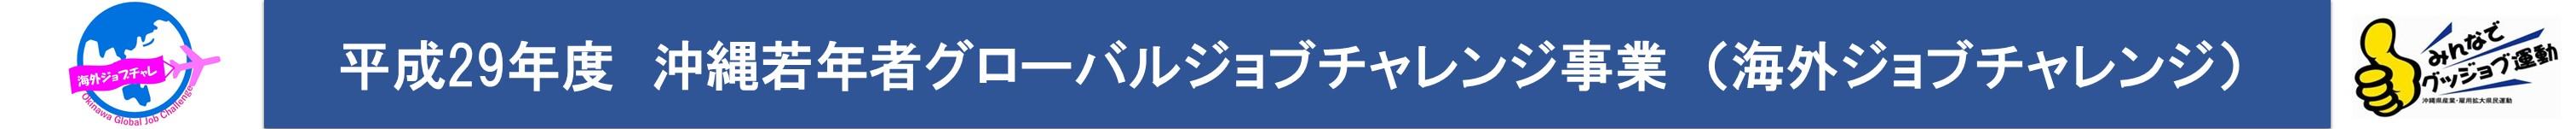 沖縄若年者グローバルジョブチャレンジ事業(海外ジョブチャレンジ事務局)